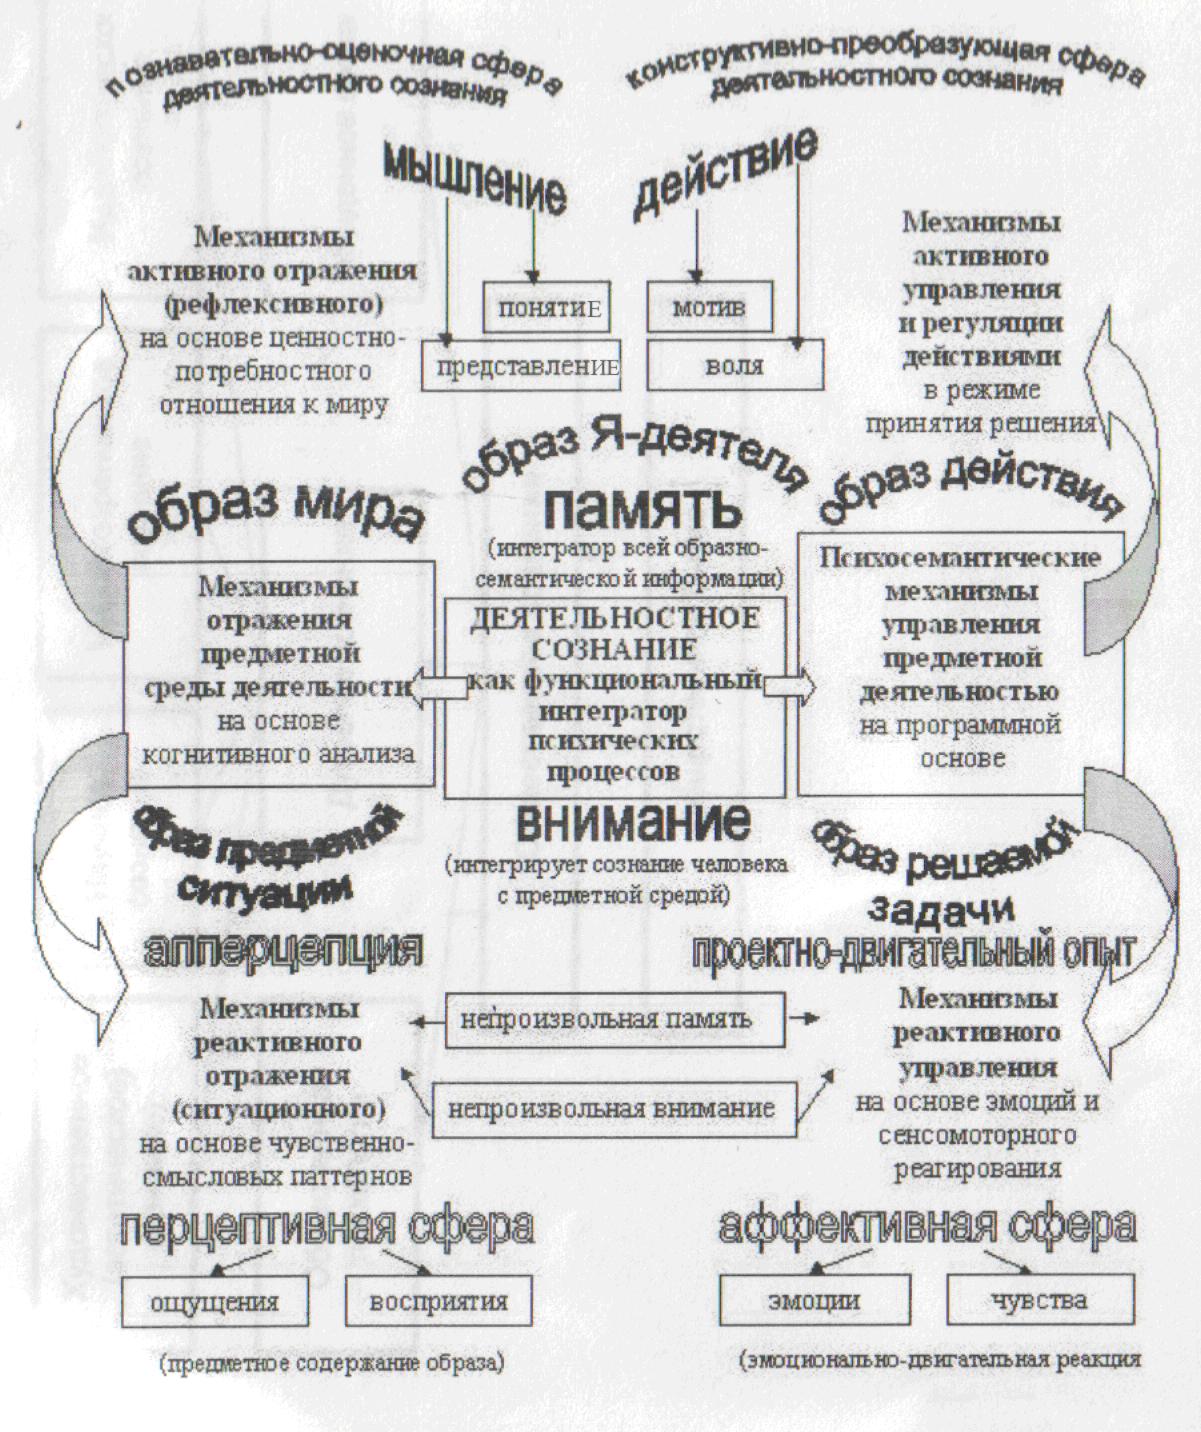 Структура общественного сознания схема фото 40